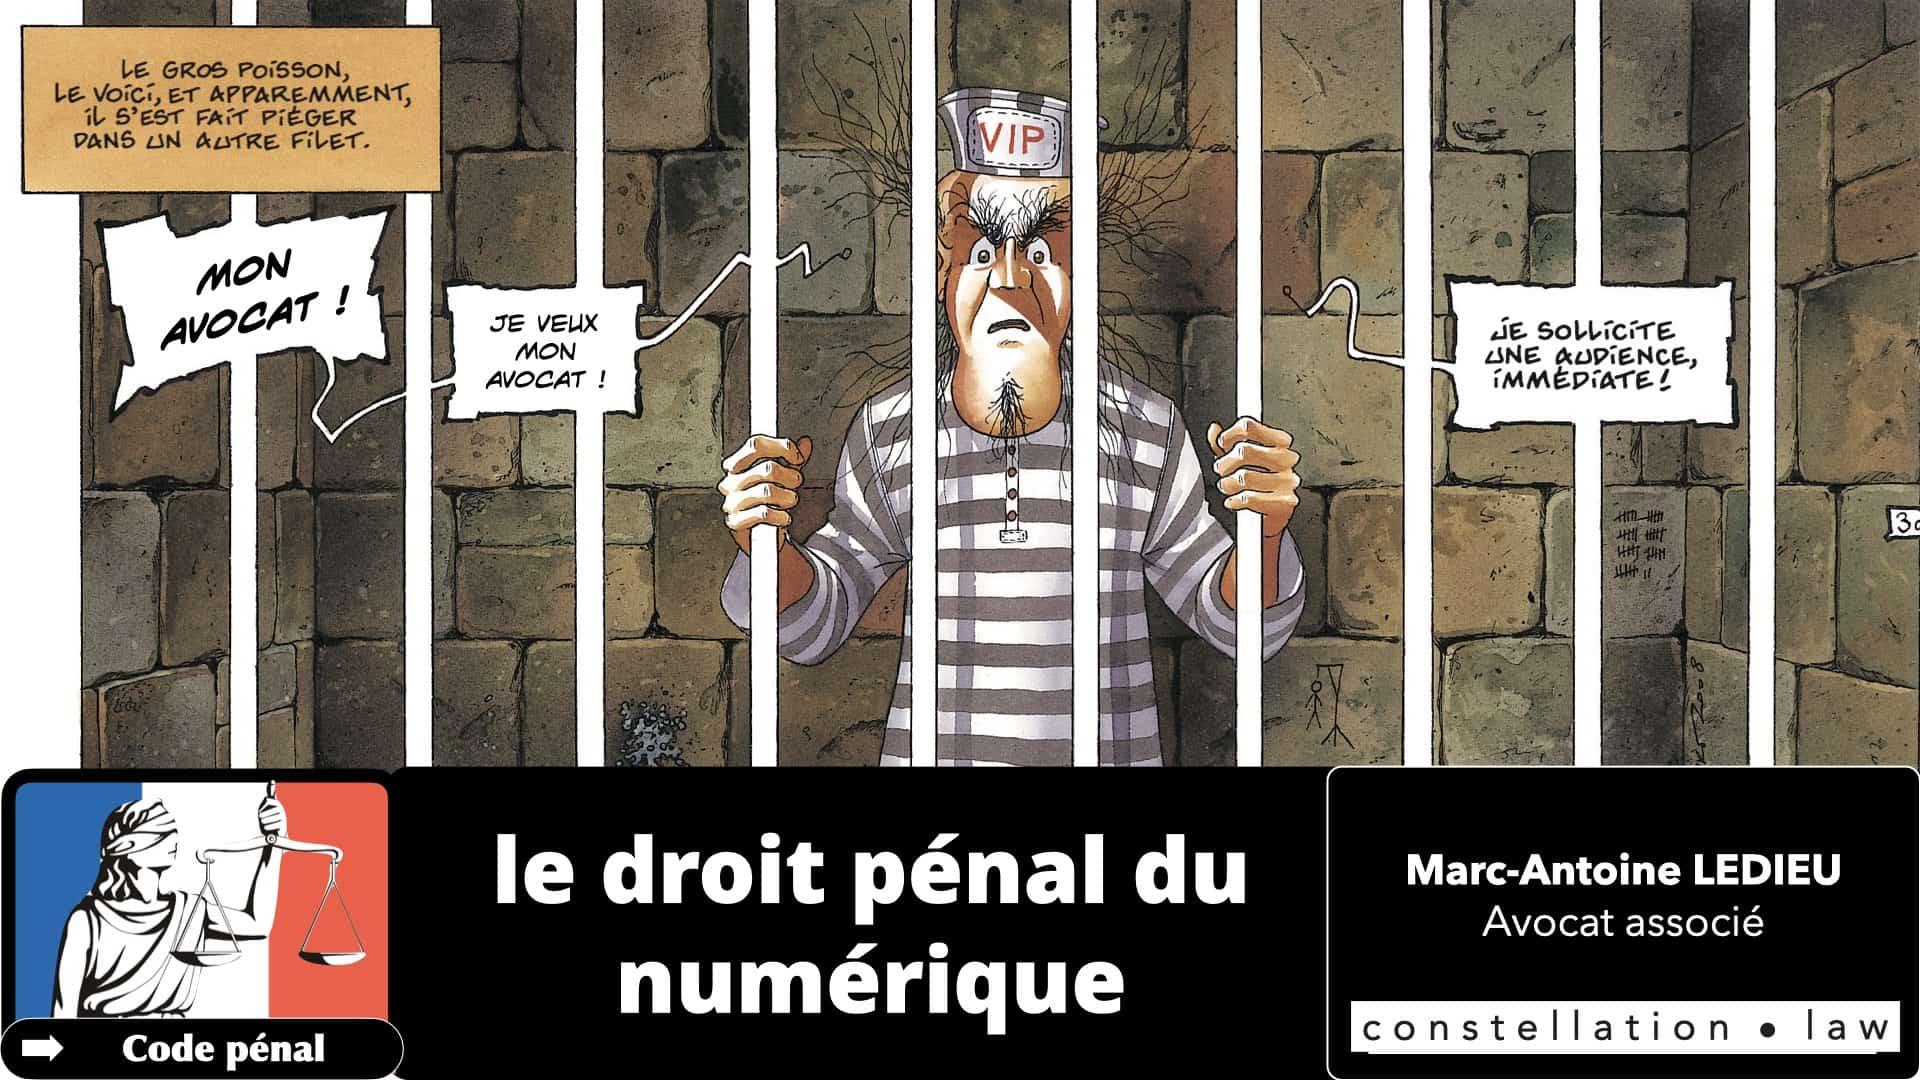 L'information : le droit pénal du numérique [vidéo+BD 5/6]